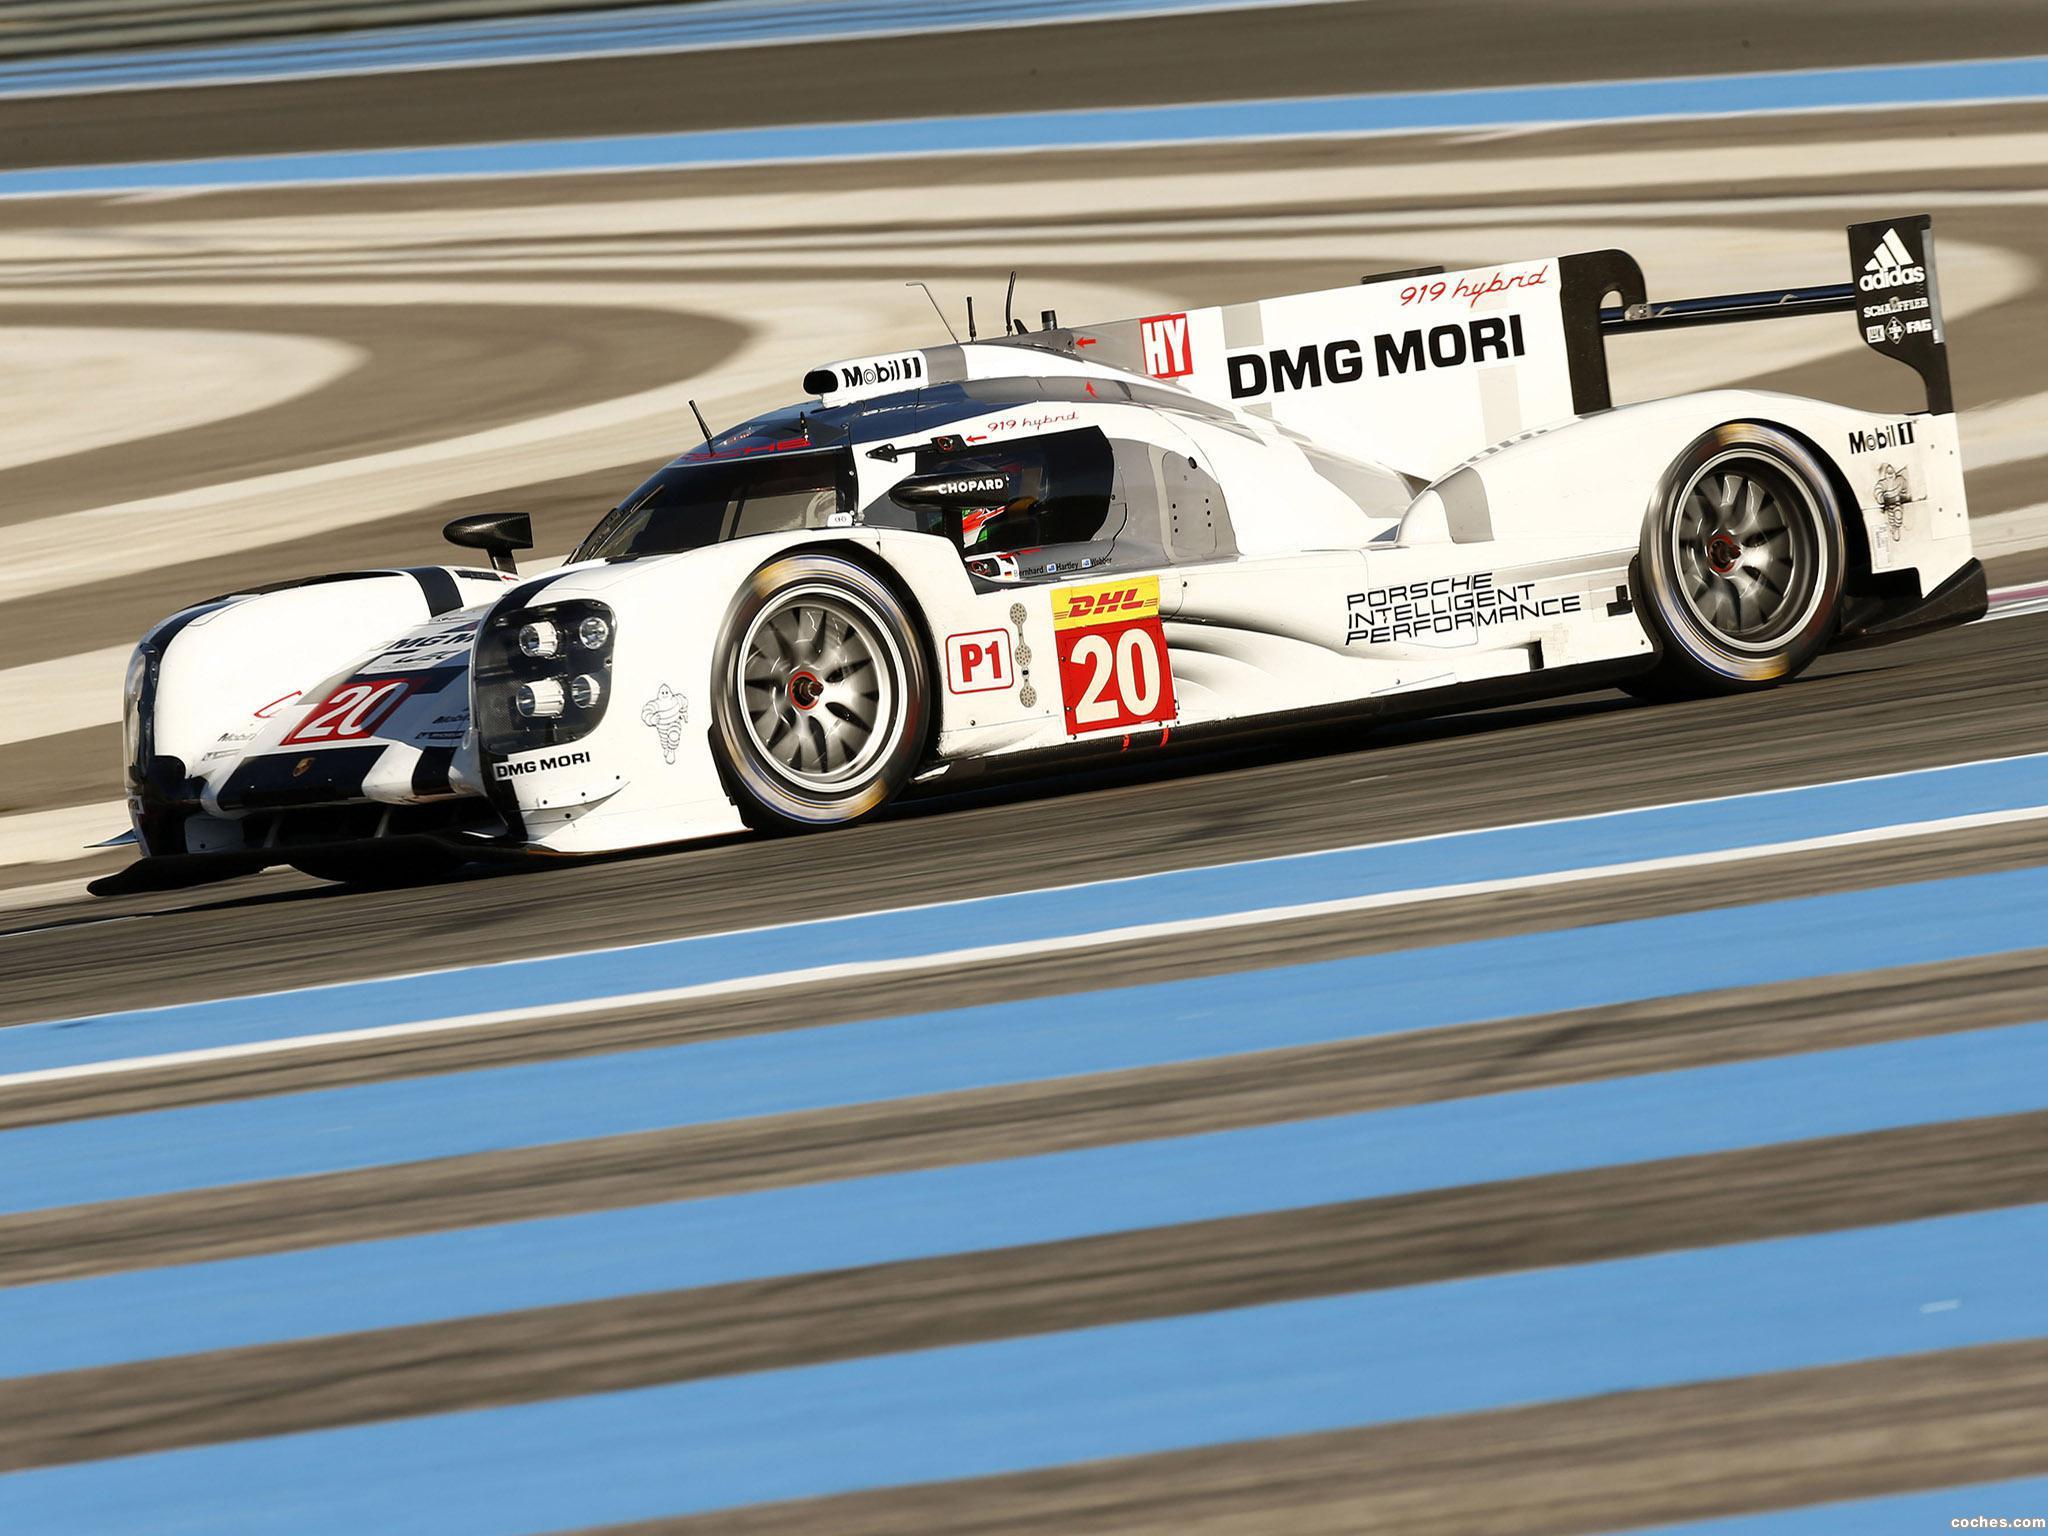 Foto 29 de Porsche 919 Hybrid 2014